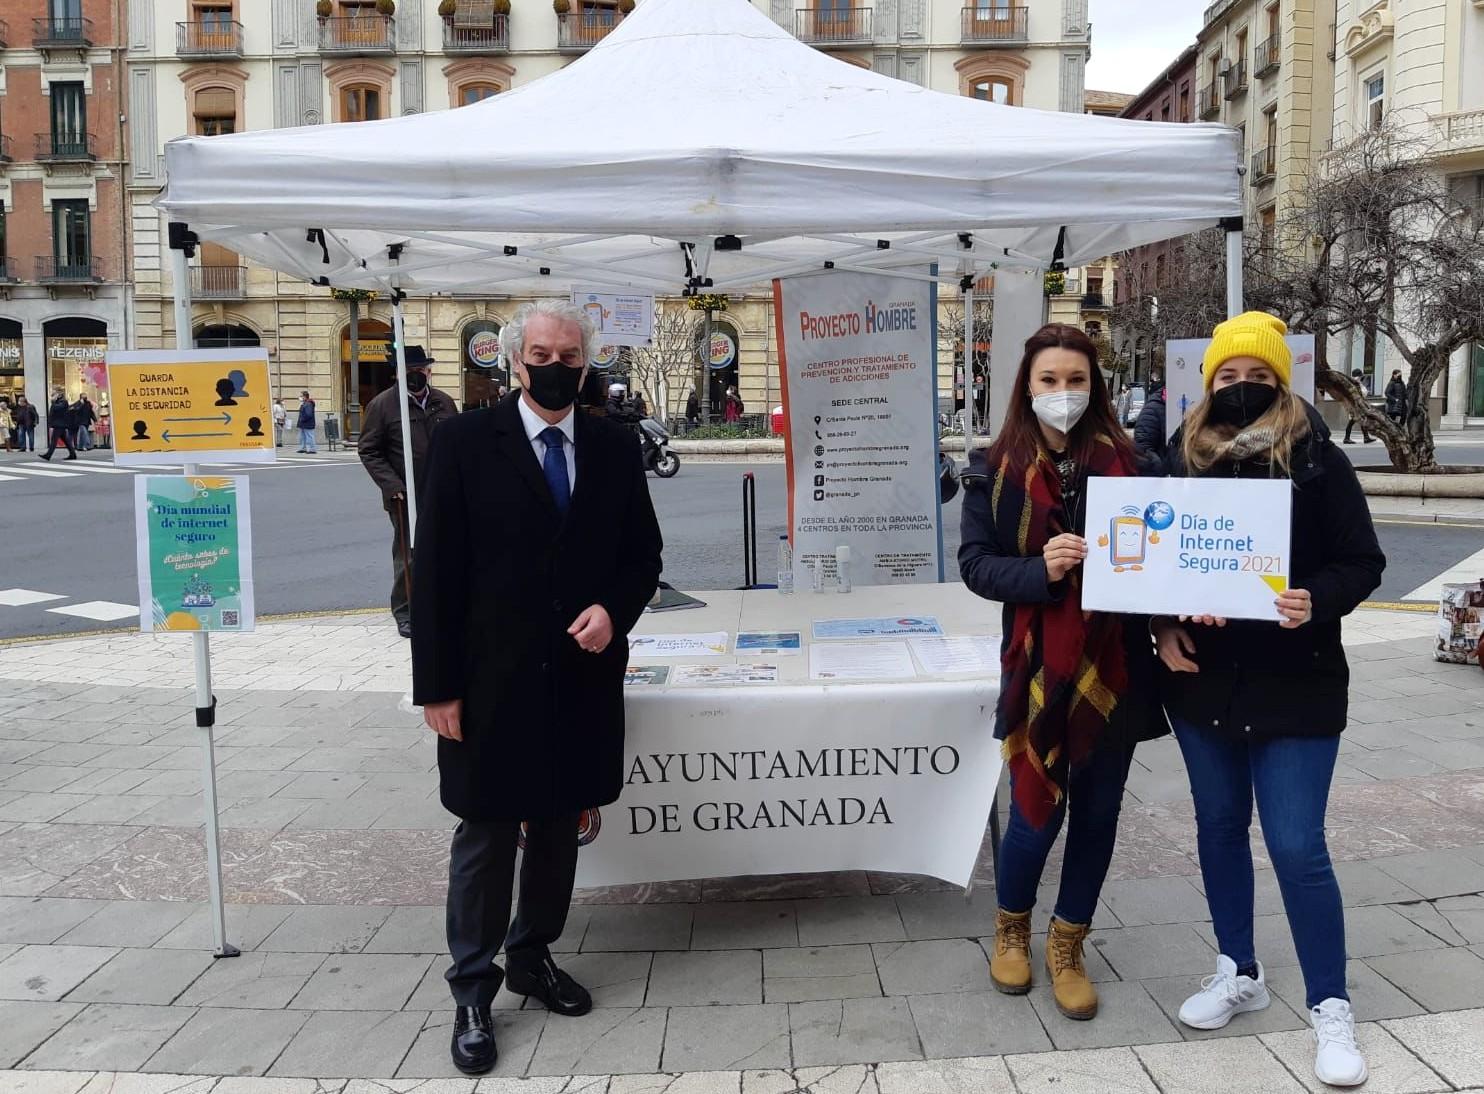 El Ayuntamiento instala una carpa en Puerta Real con motivo del Día internacional de Internet seguro